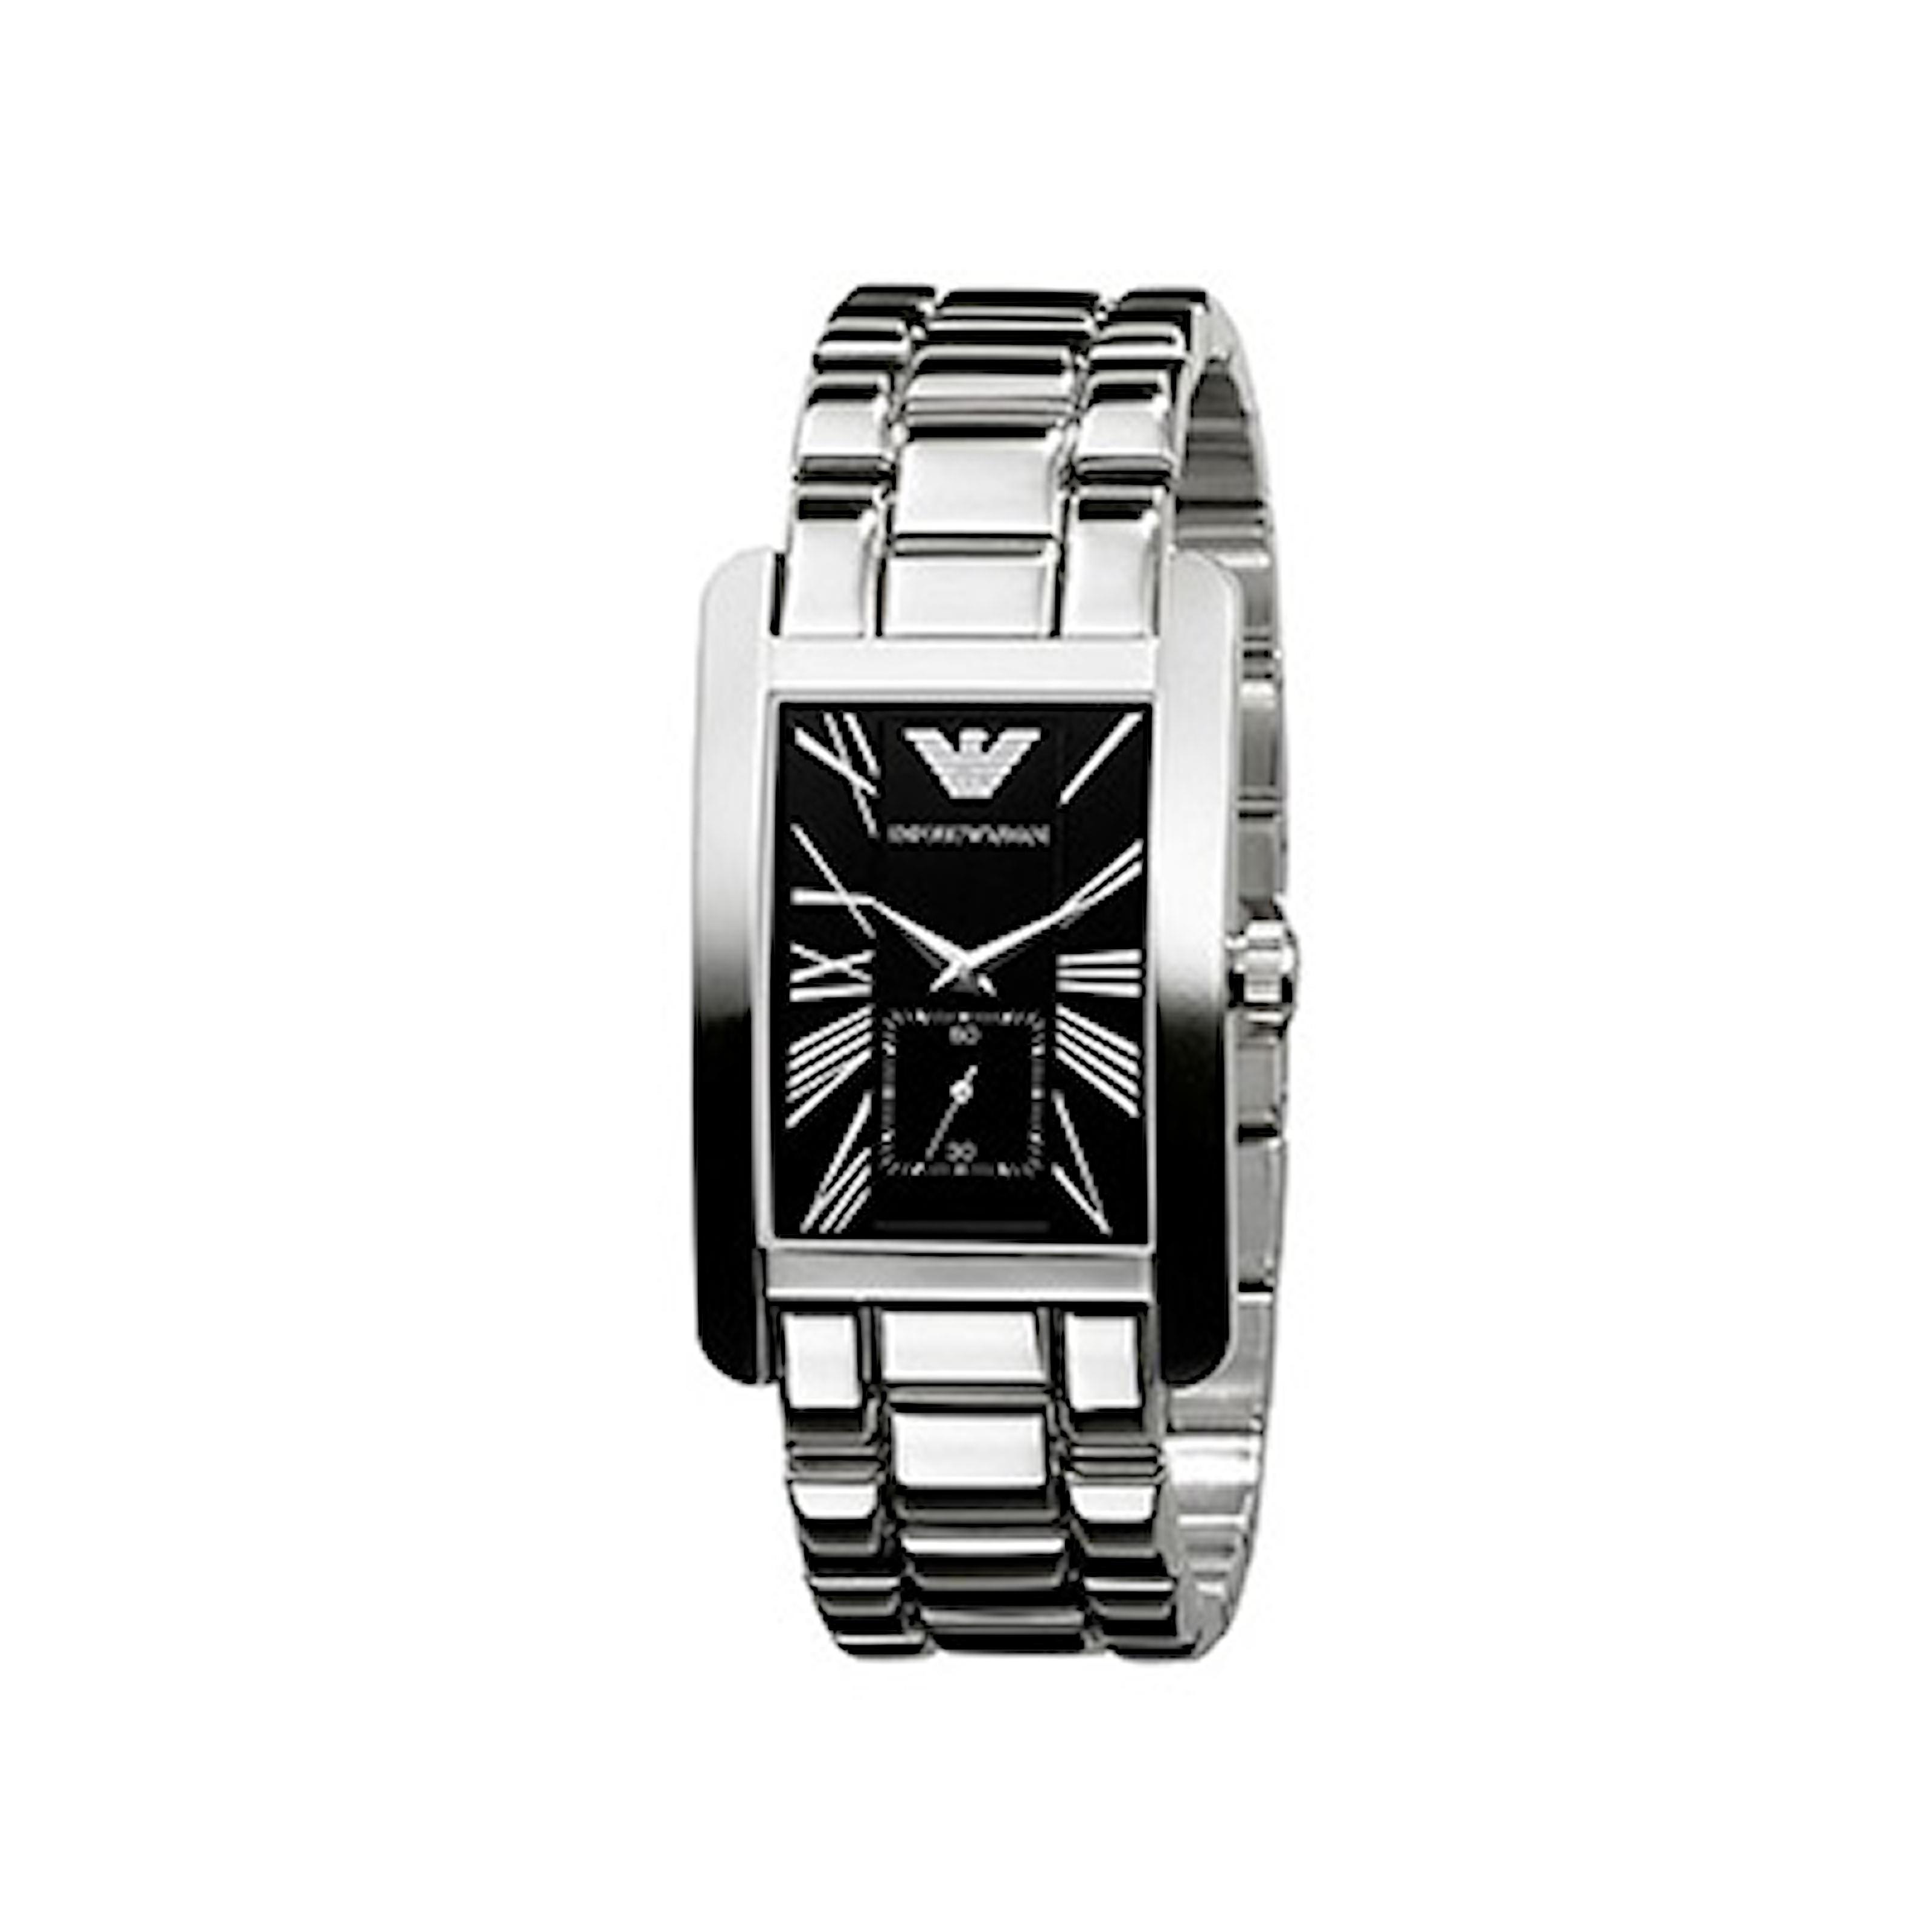 AR0156, AR0156, Armband: silver, rostfritt stål. Urtavla: svart, rostfritt stål. Mått: 32 mm,